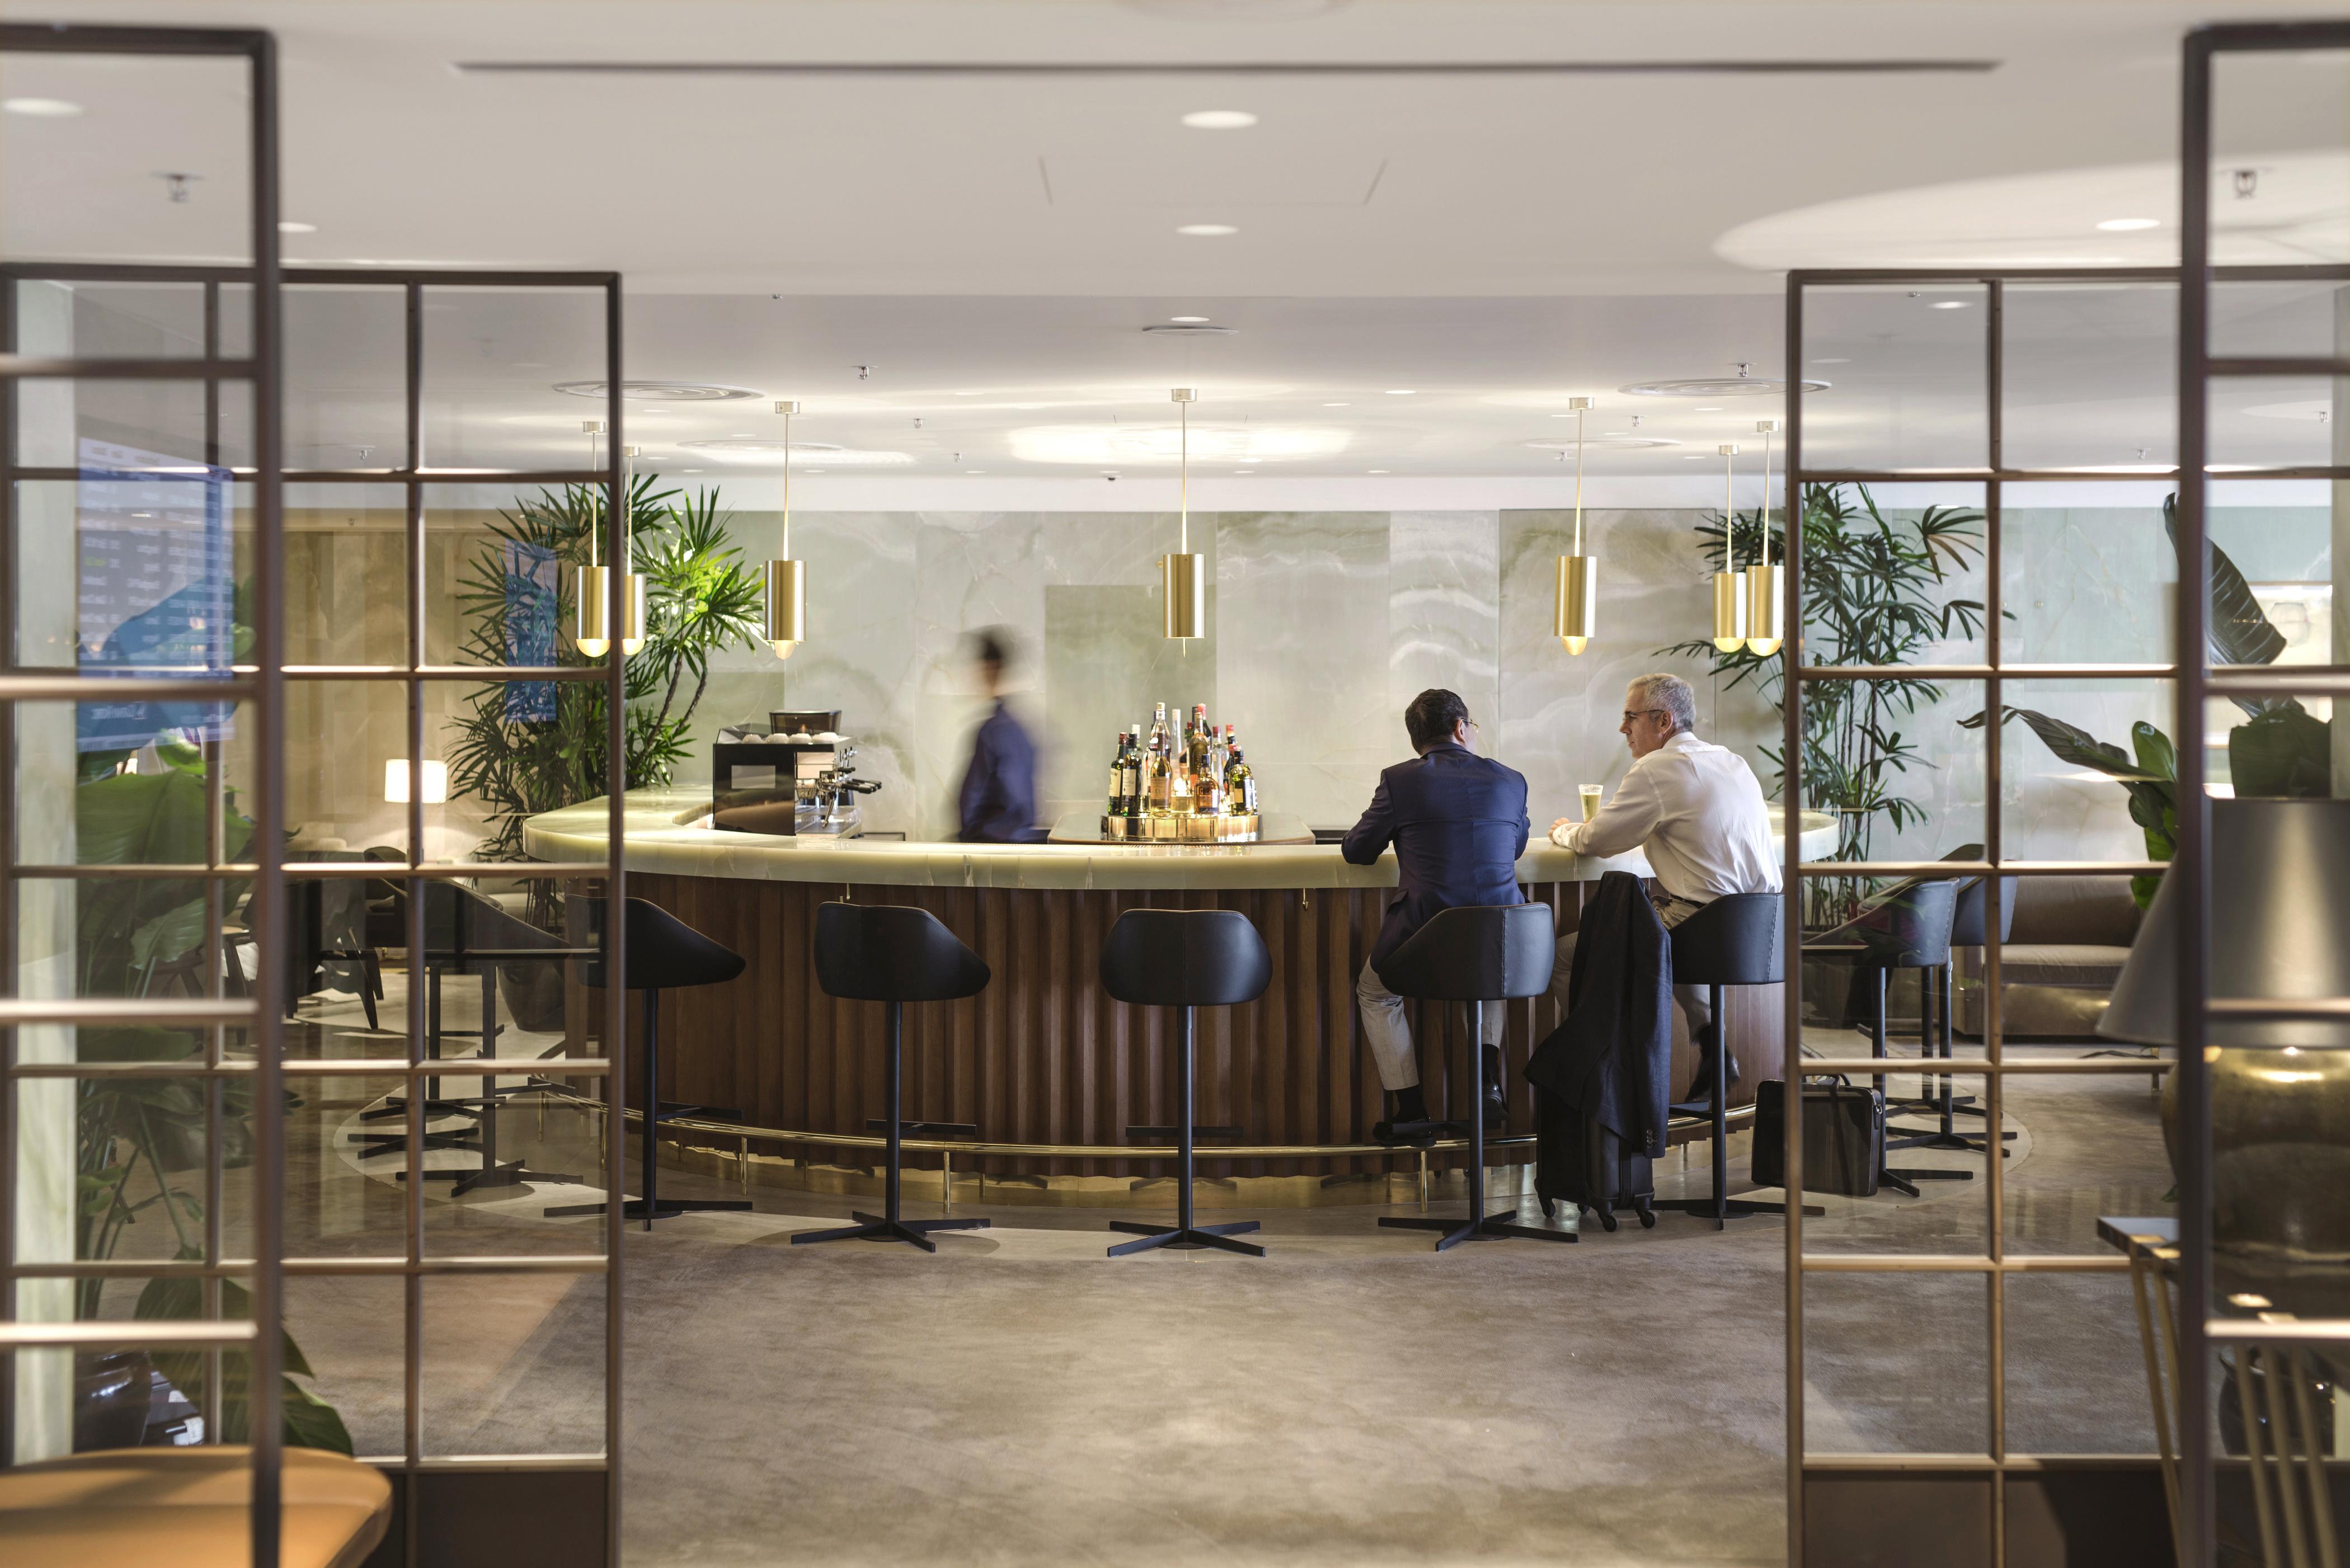 Lounge-Zutritt - über 600 Lounges , Flüge mit mehreren Reisezielen